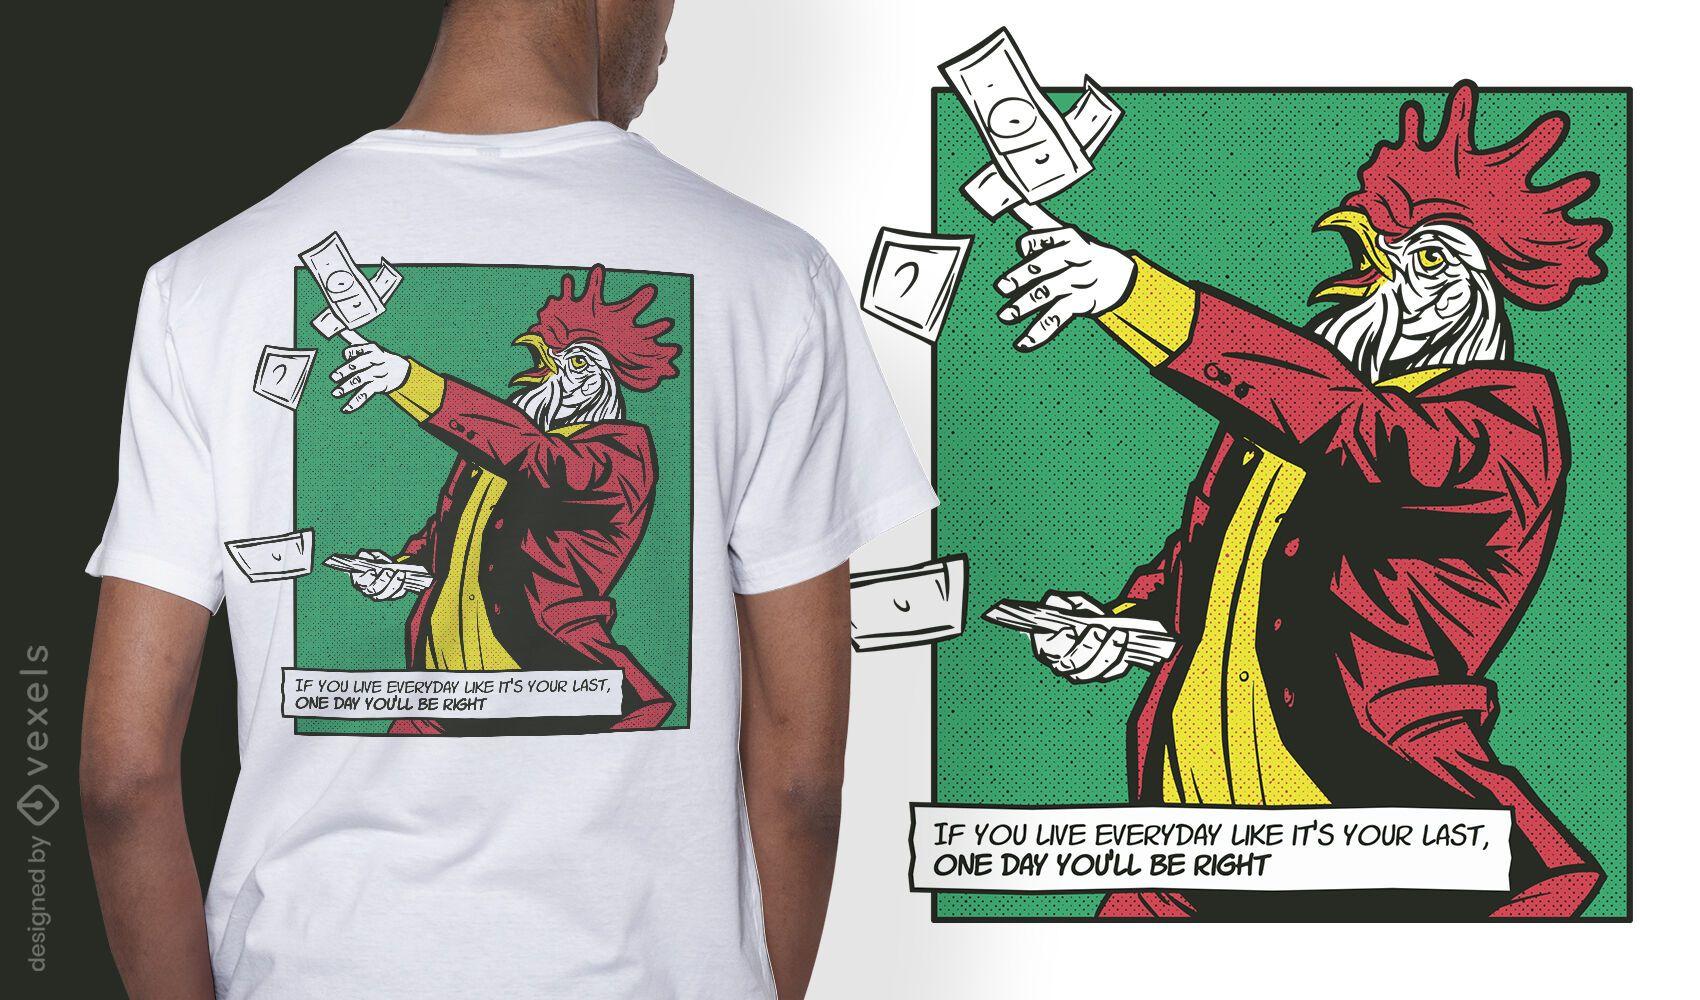 Diseño de camiseta de cómic animal de gallo rico.